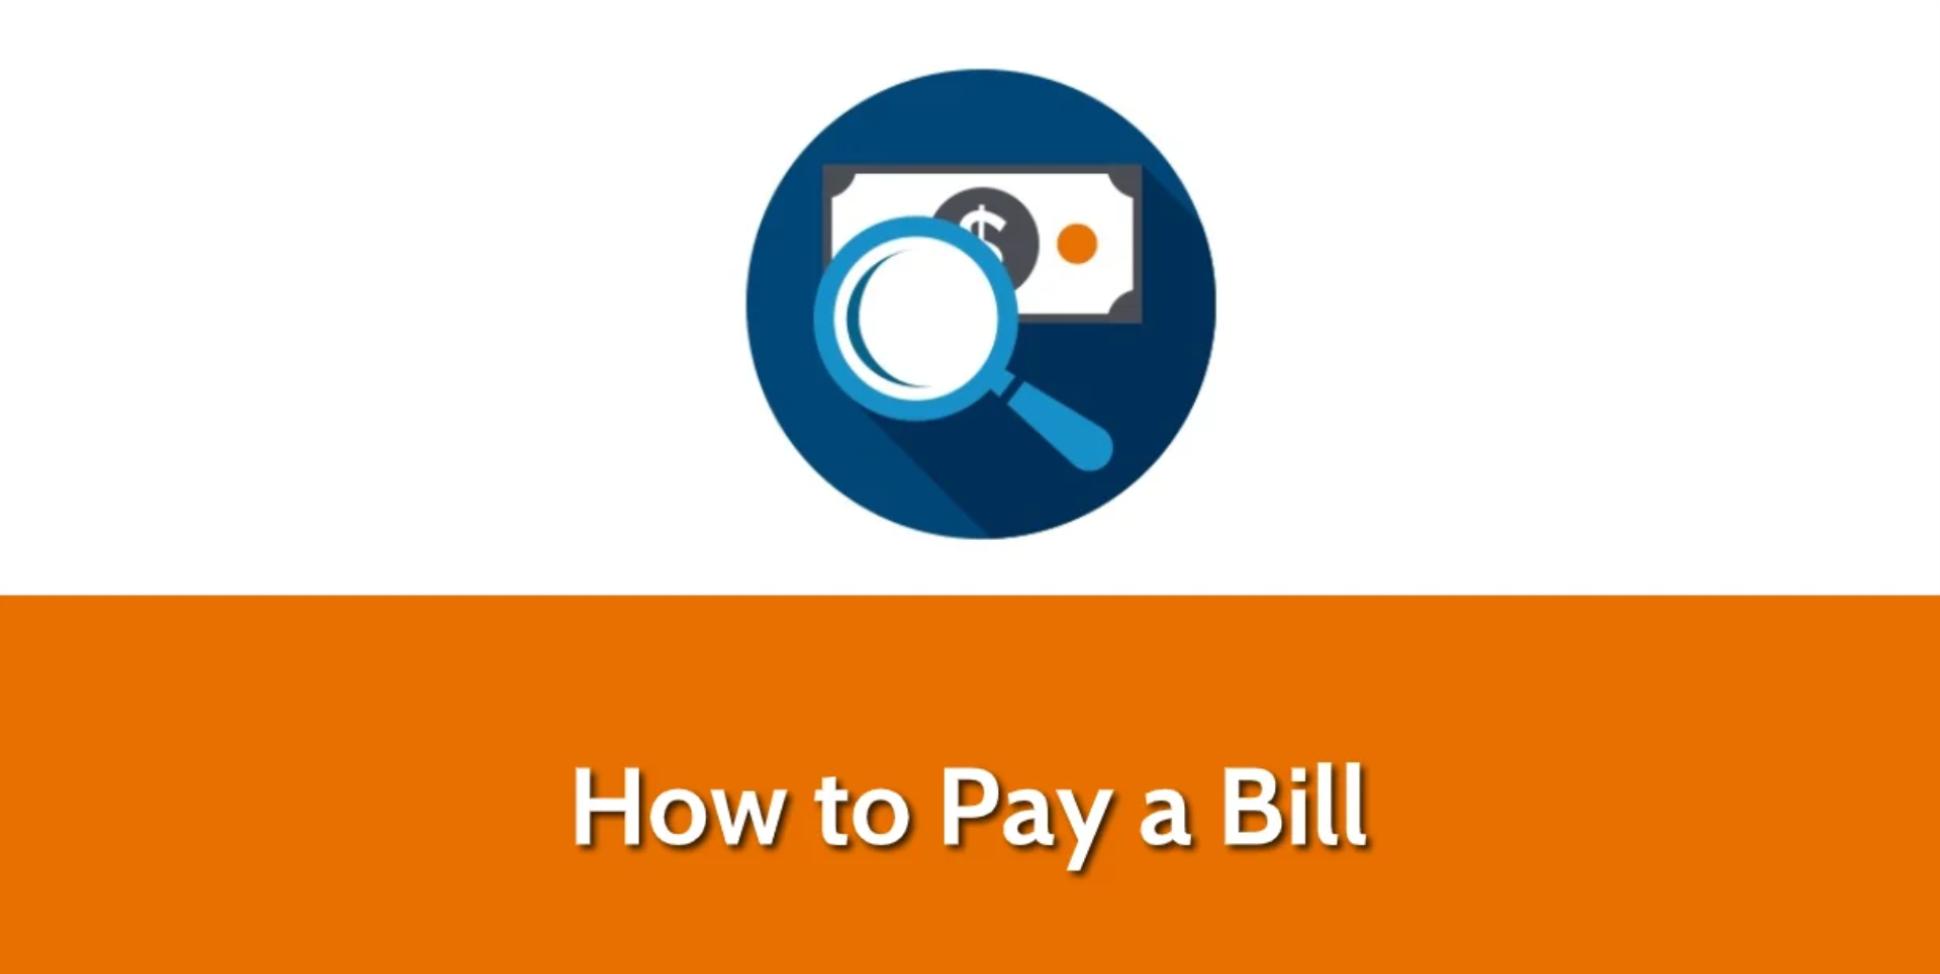 Pay a Bill